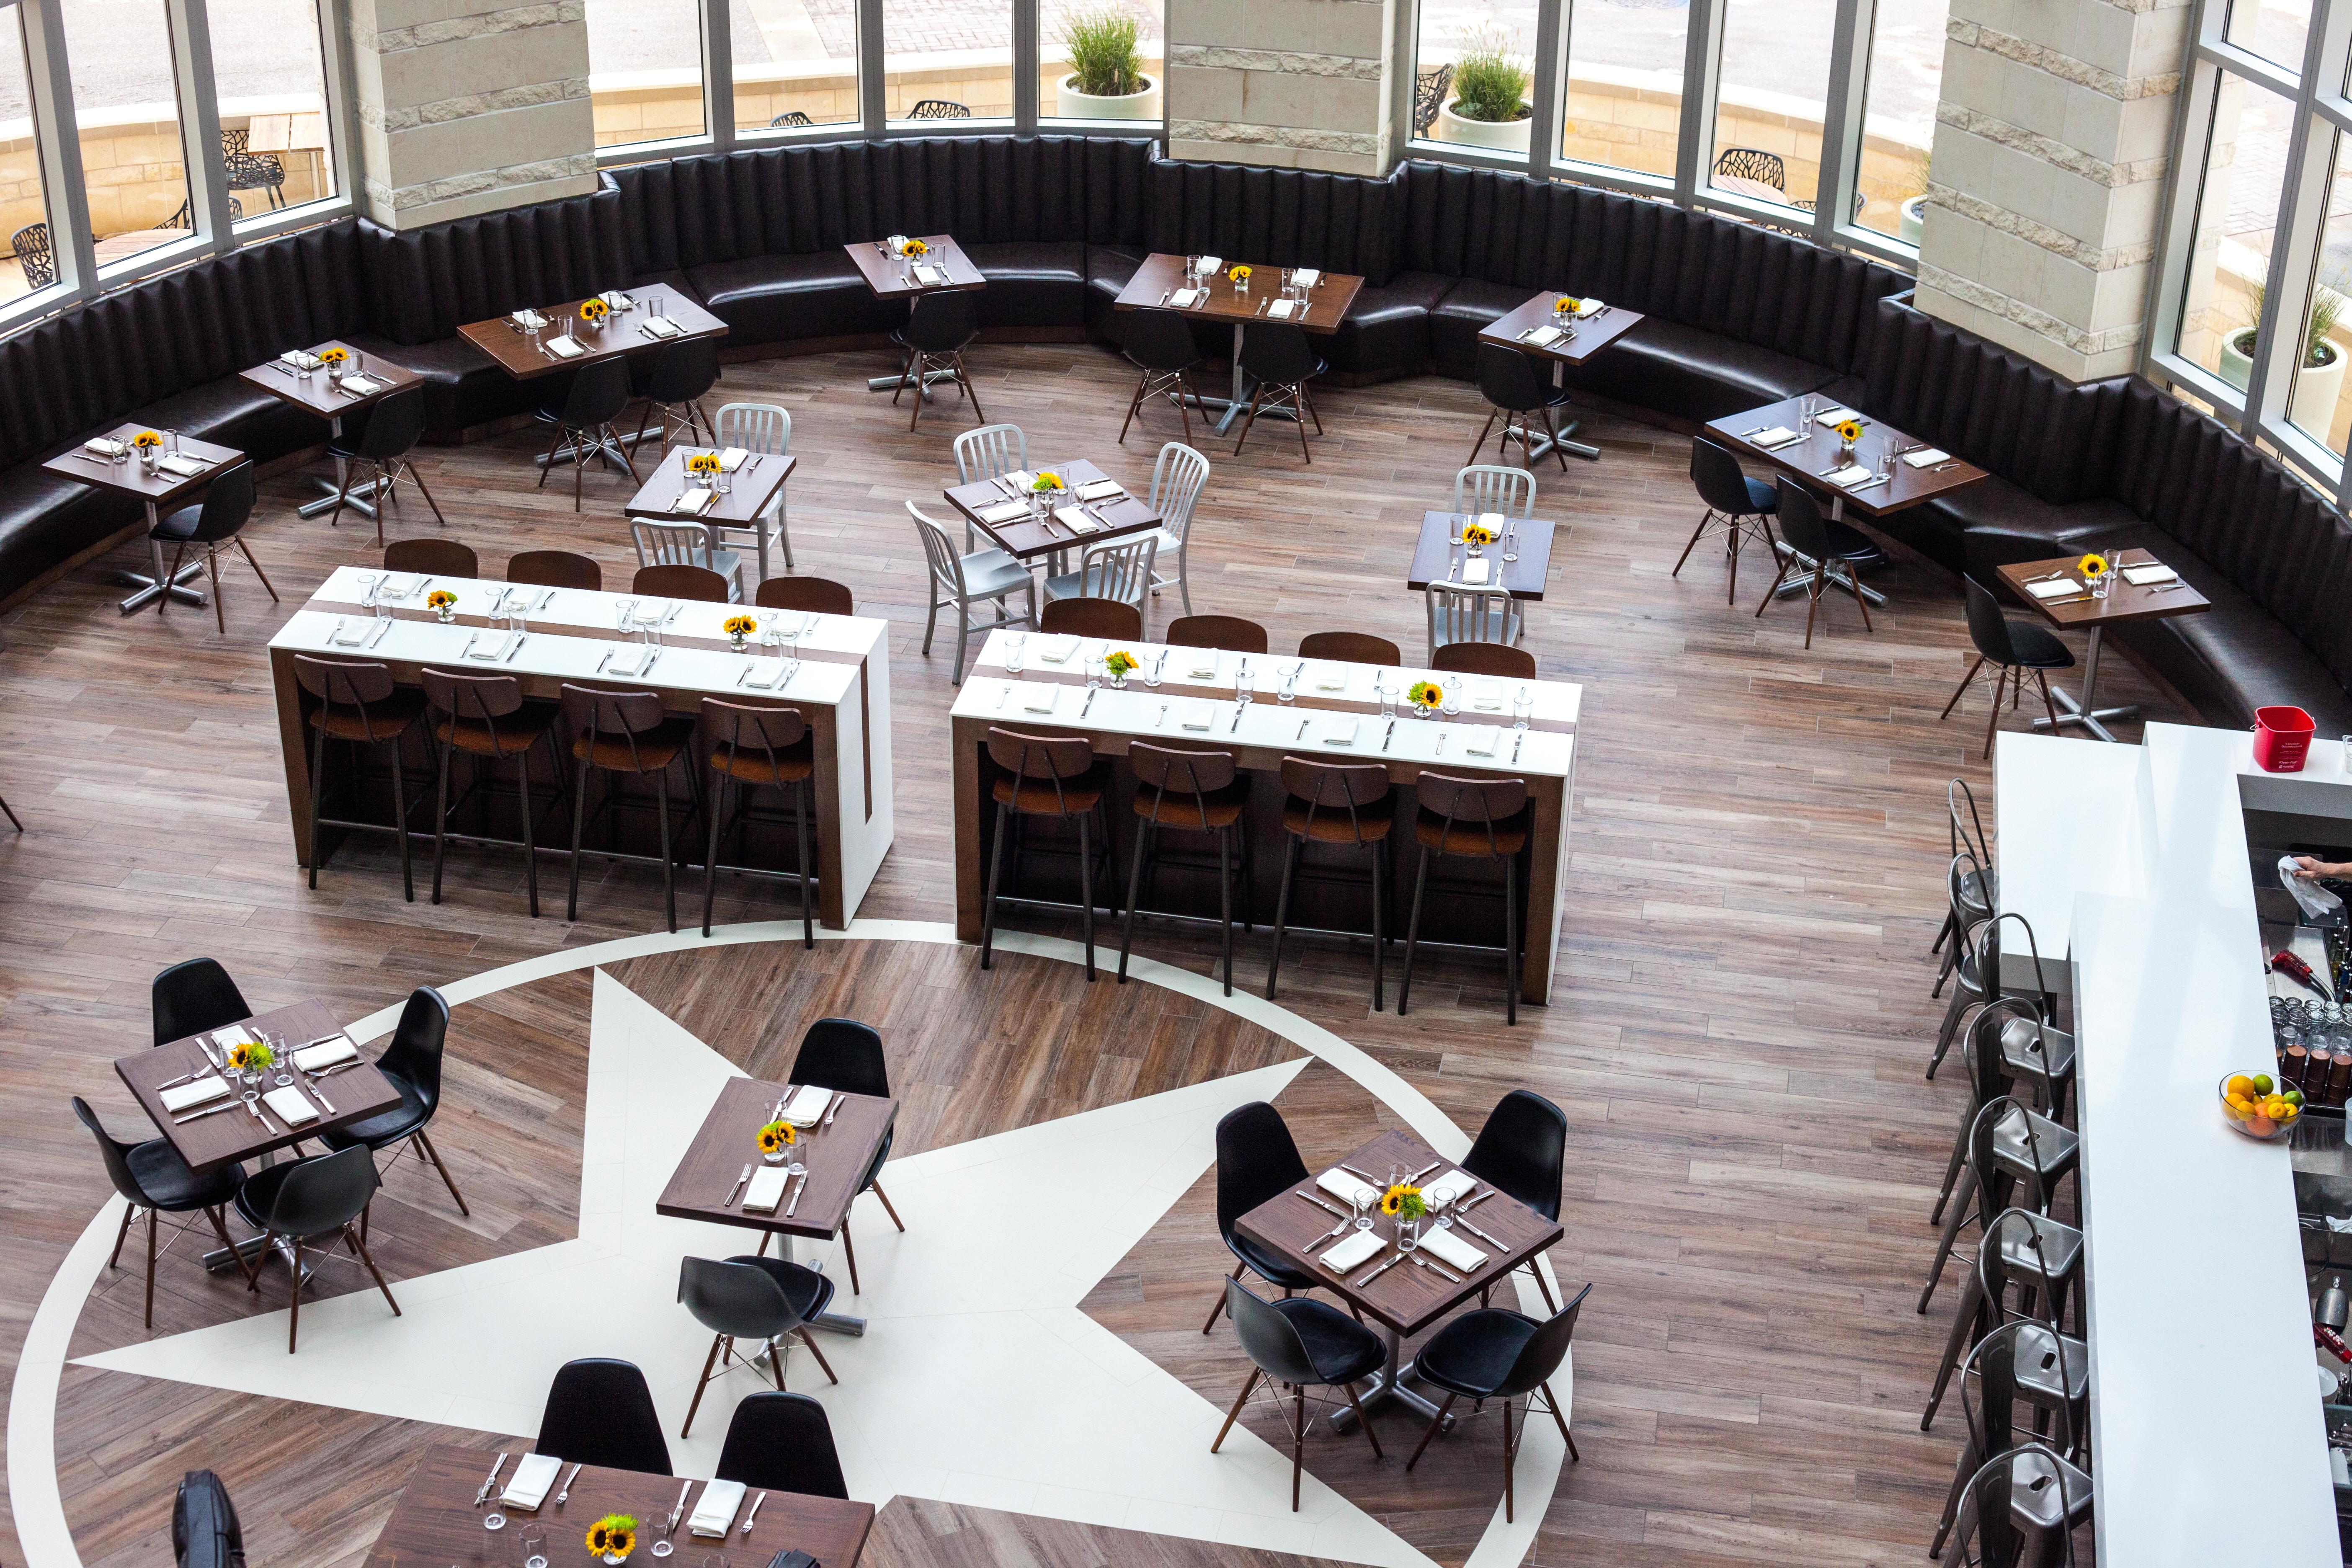 Second Bar + Kitchen at Archer Hotel